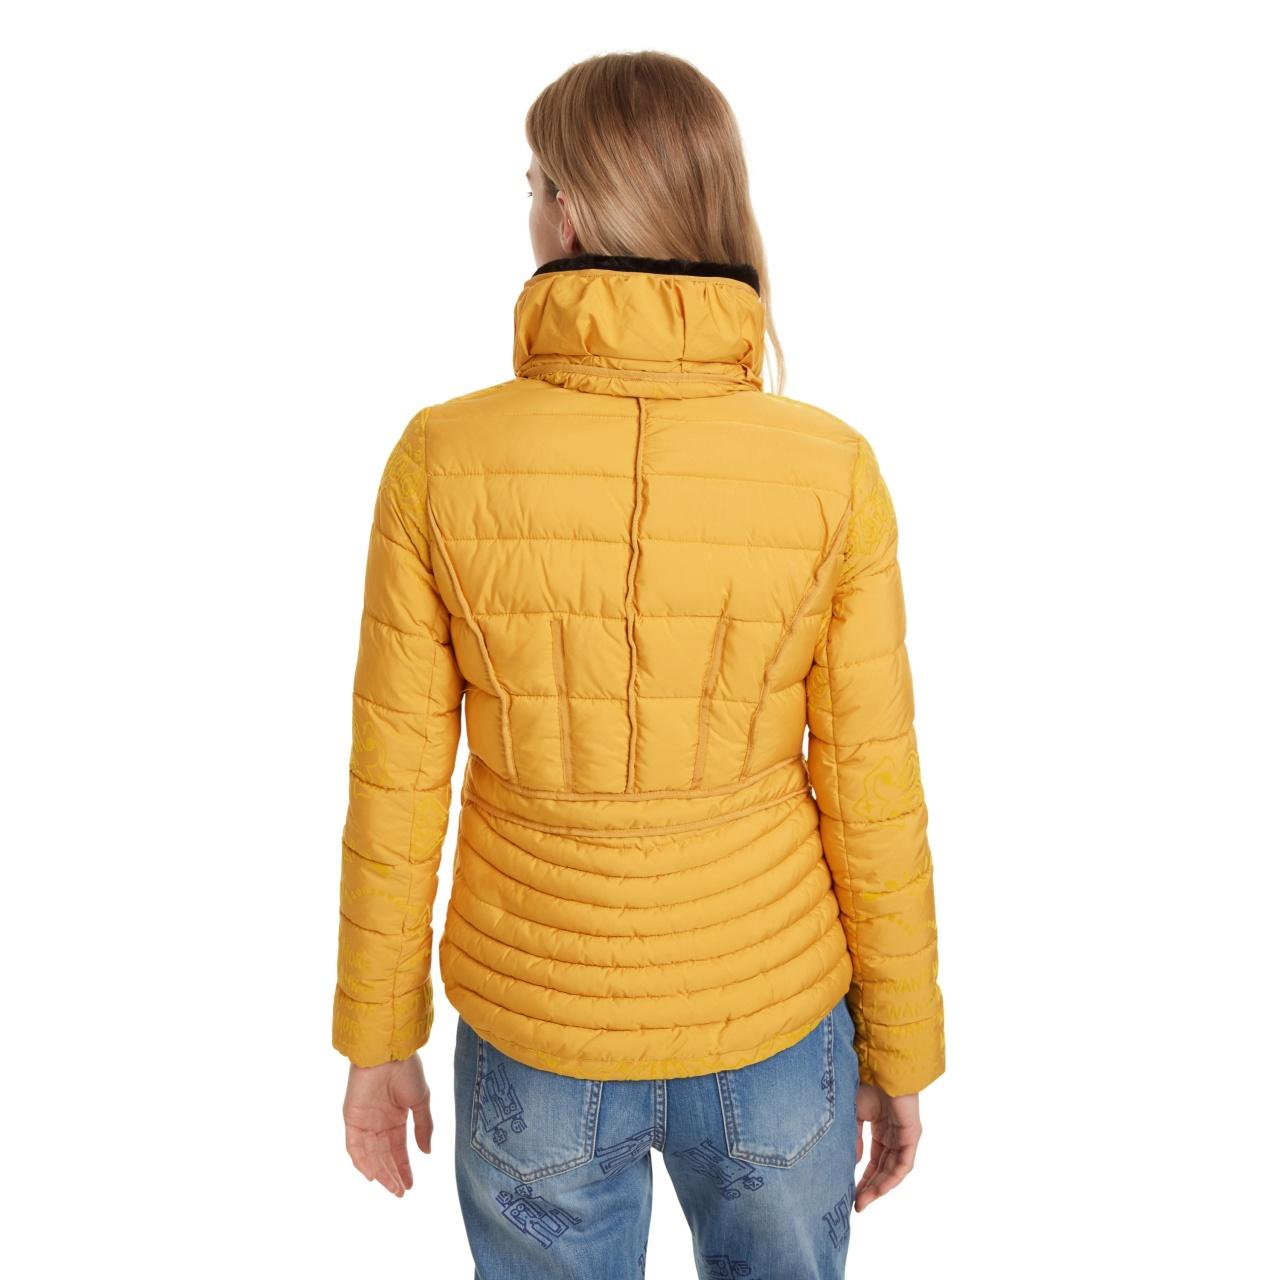 Geacă pentru femei Desigual Padded Sunna galben :: 40